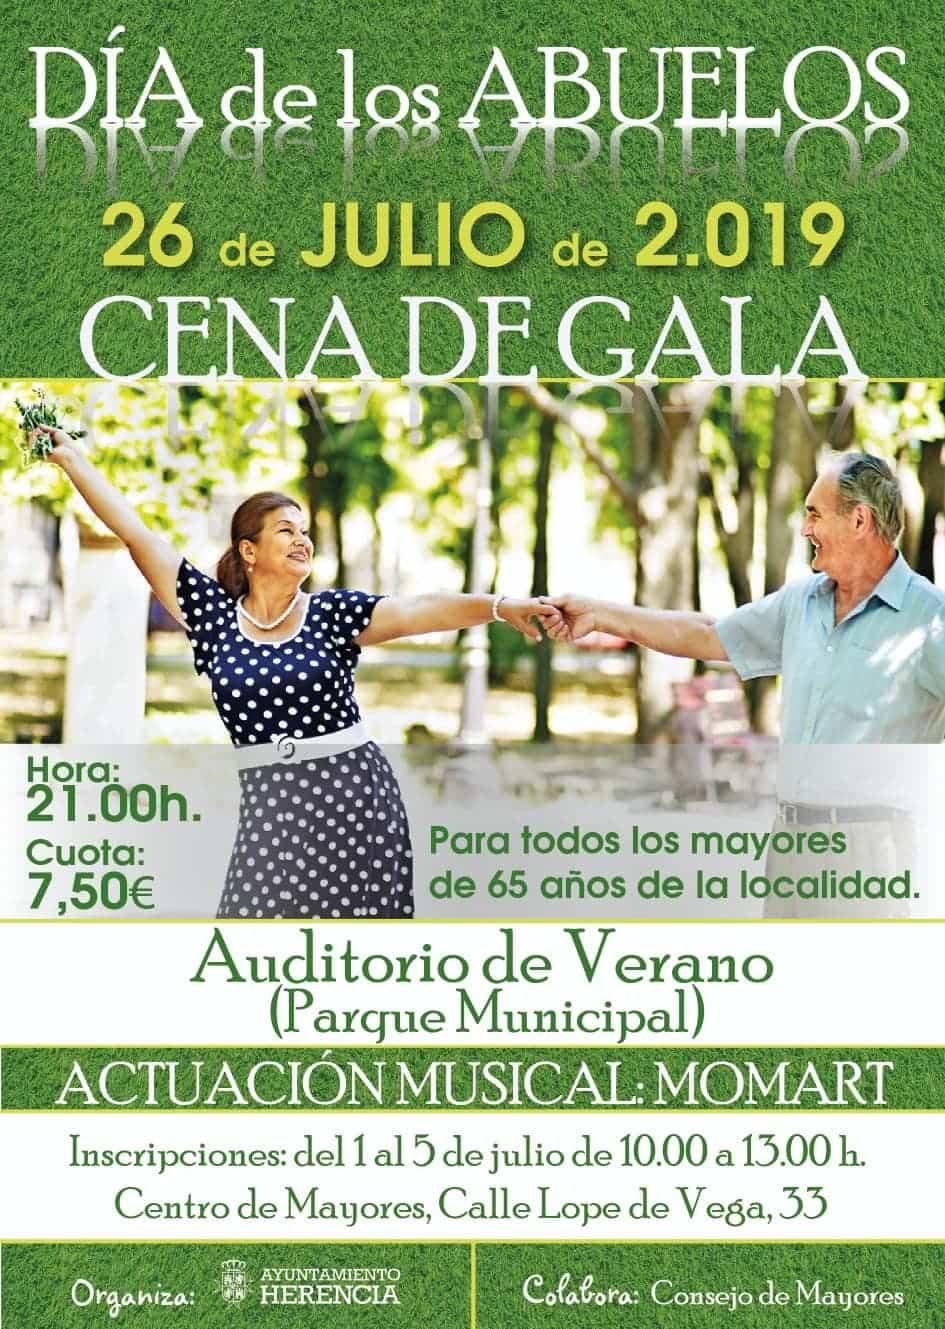 dia de los abuelos en herencia - Cena del Gala por el Día de los Abuelos 2019 en Herencia ¡Actualizado con fotos!